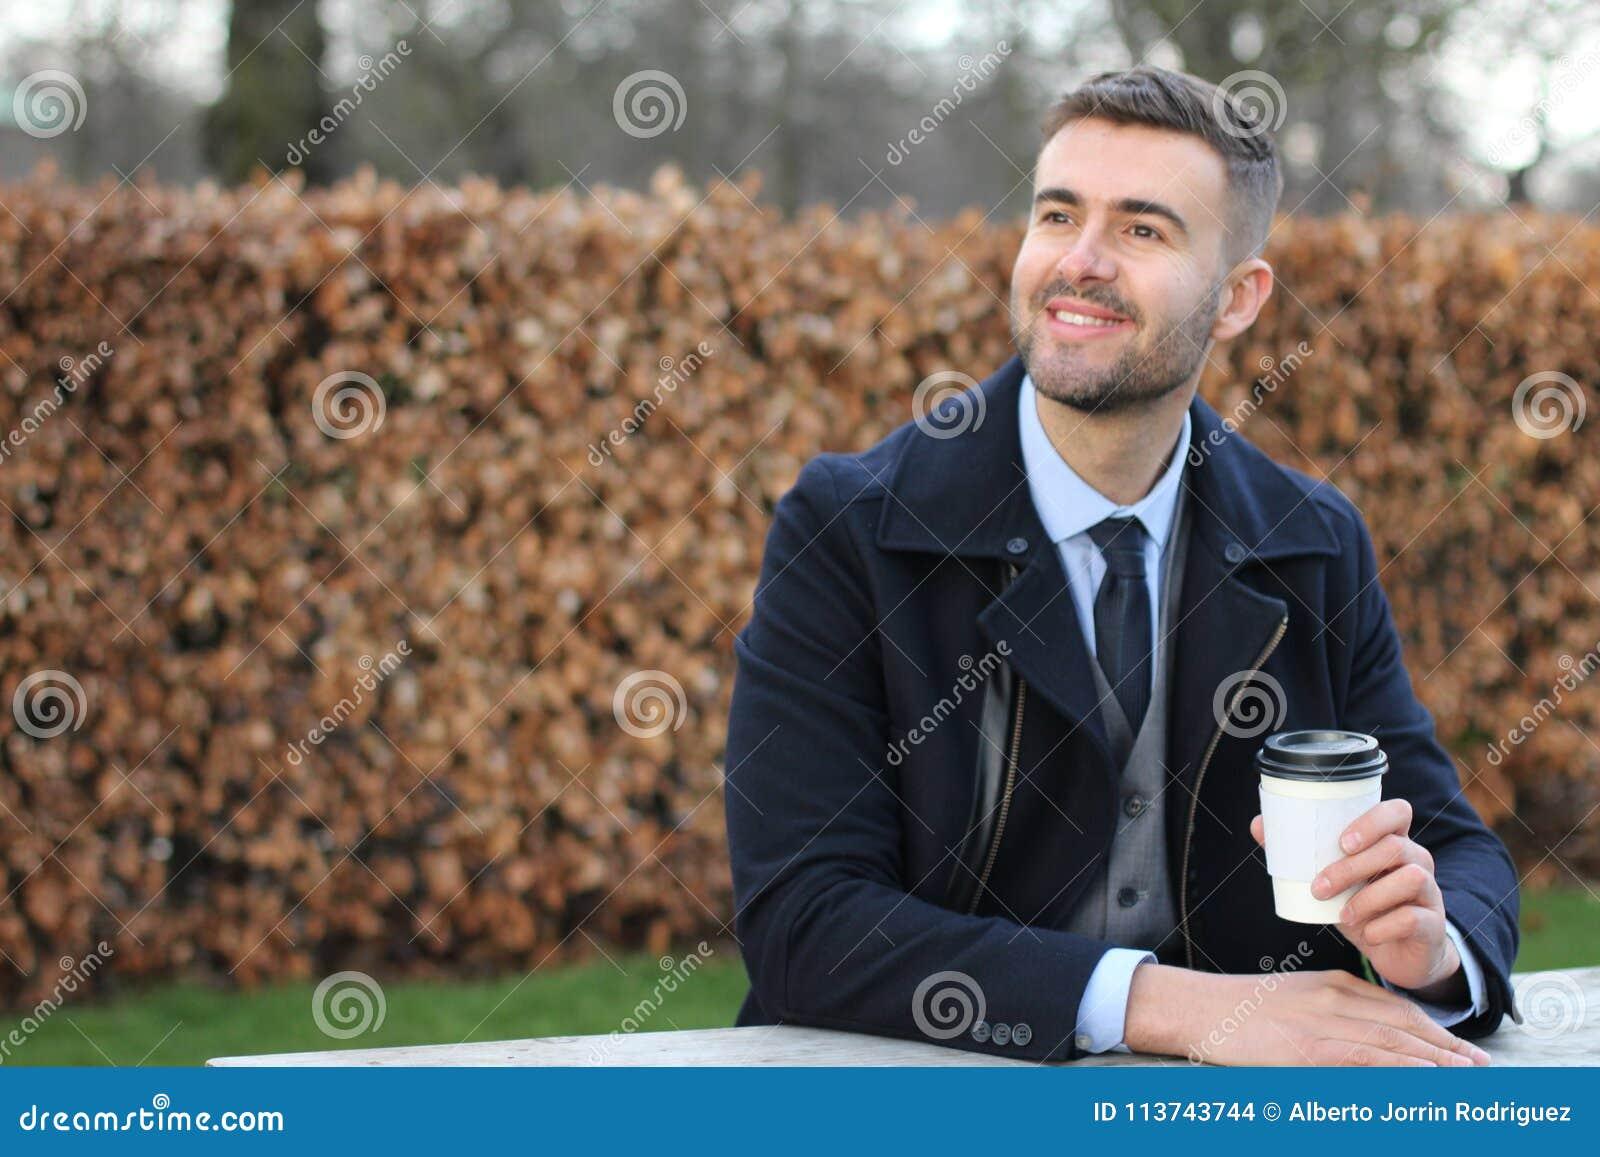 Take Break Coffeebreak : Businessman taking a coffee break stock photo image of jacket